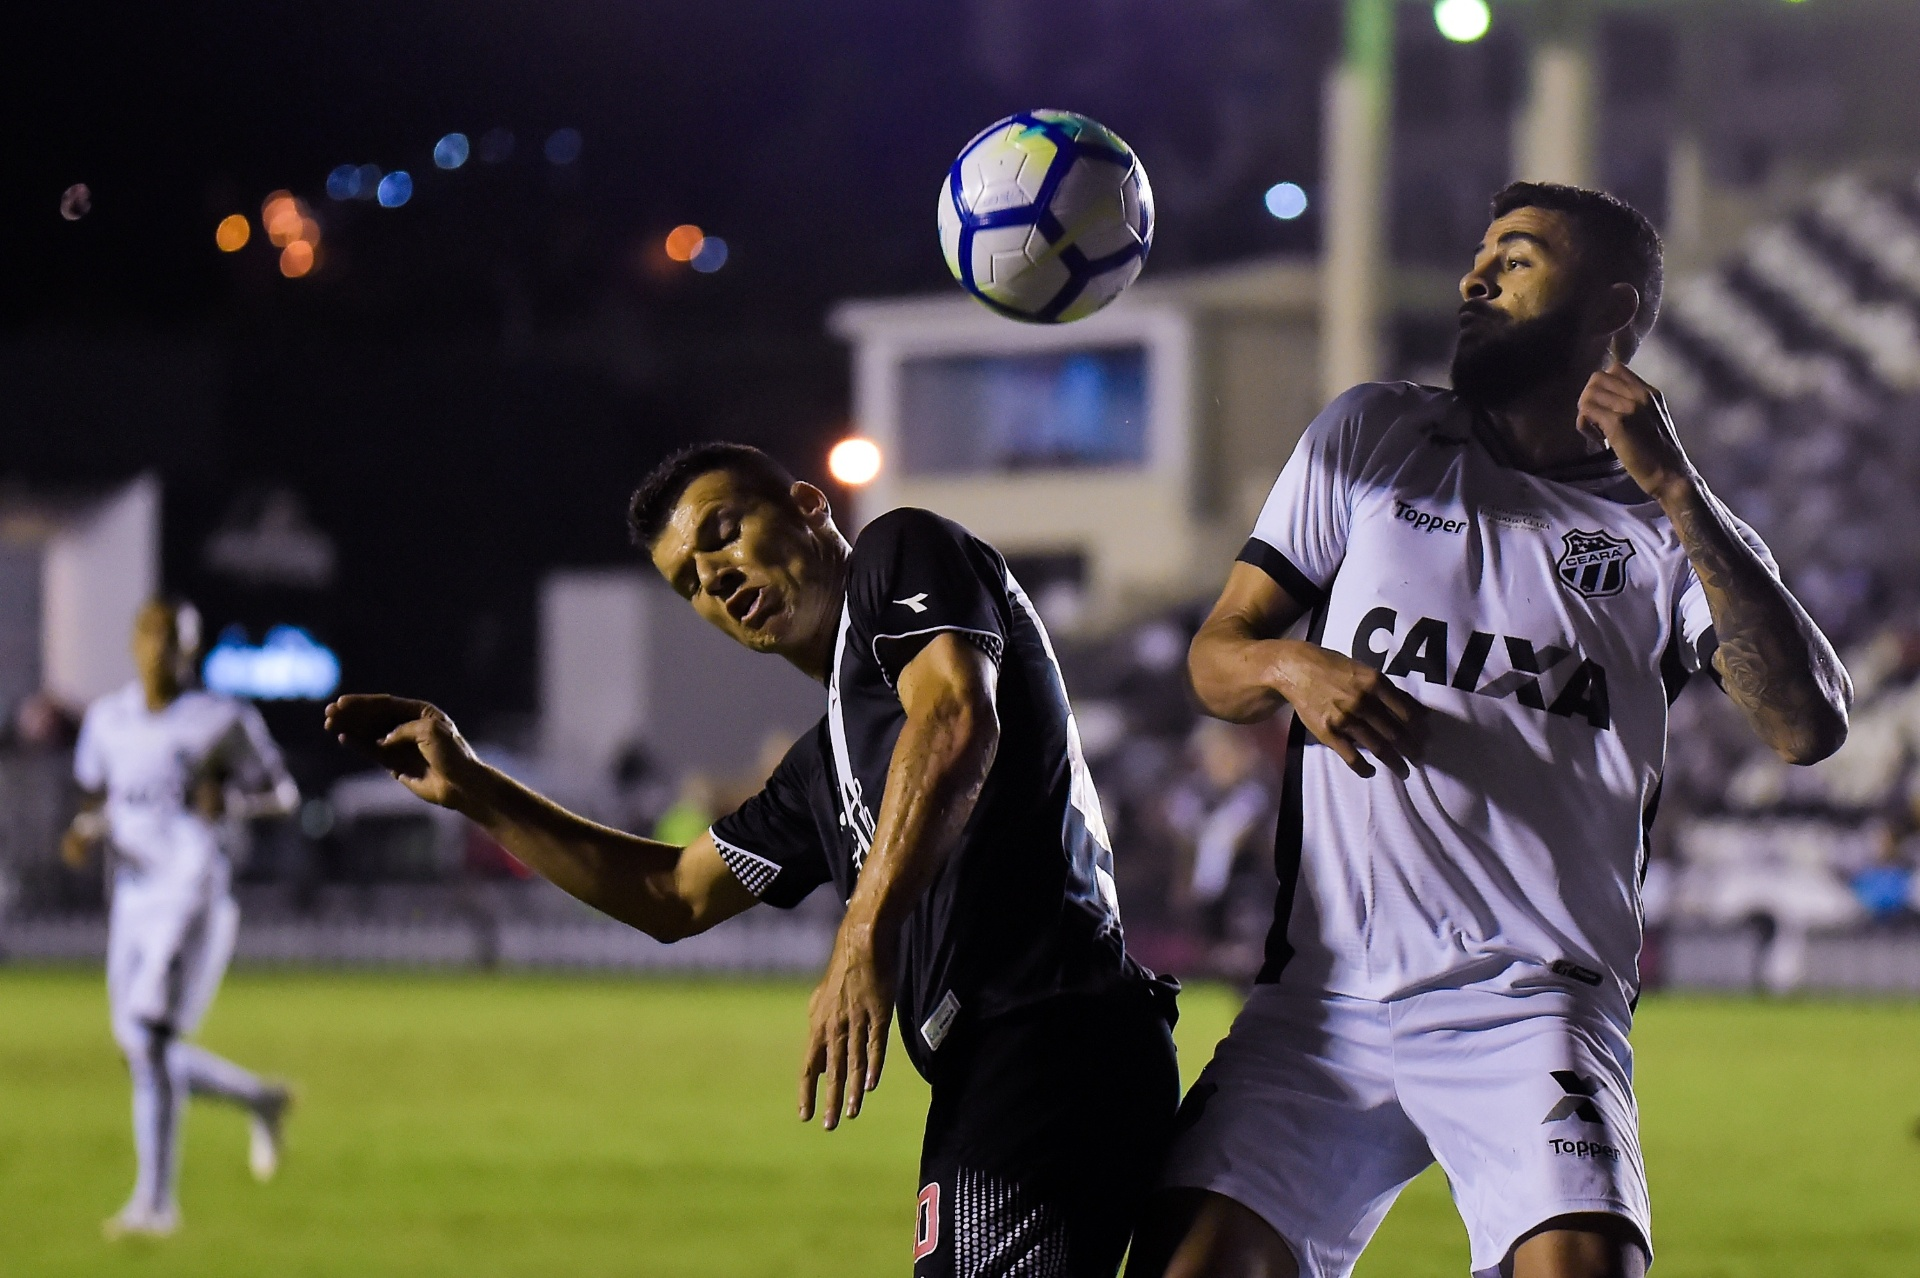 837f4ddf30 Vasco empata com Ceará e fica em situação perigosa no Brasileiro -  20 08 2018 - UOL Esporte